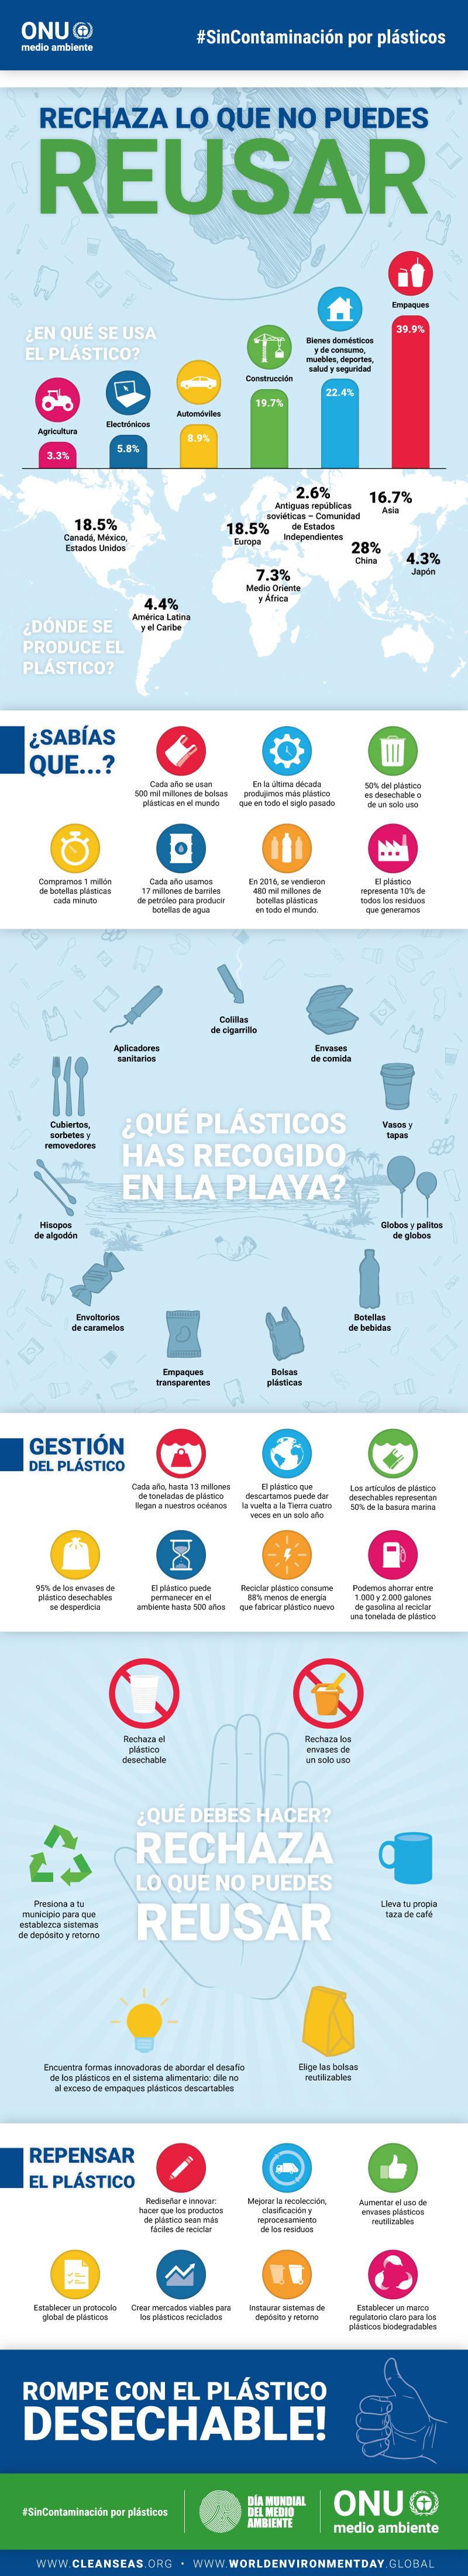 ES_PLASTIC_infographic.jpg